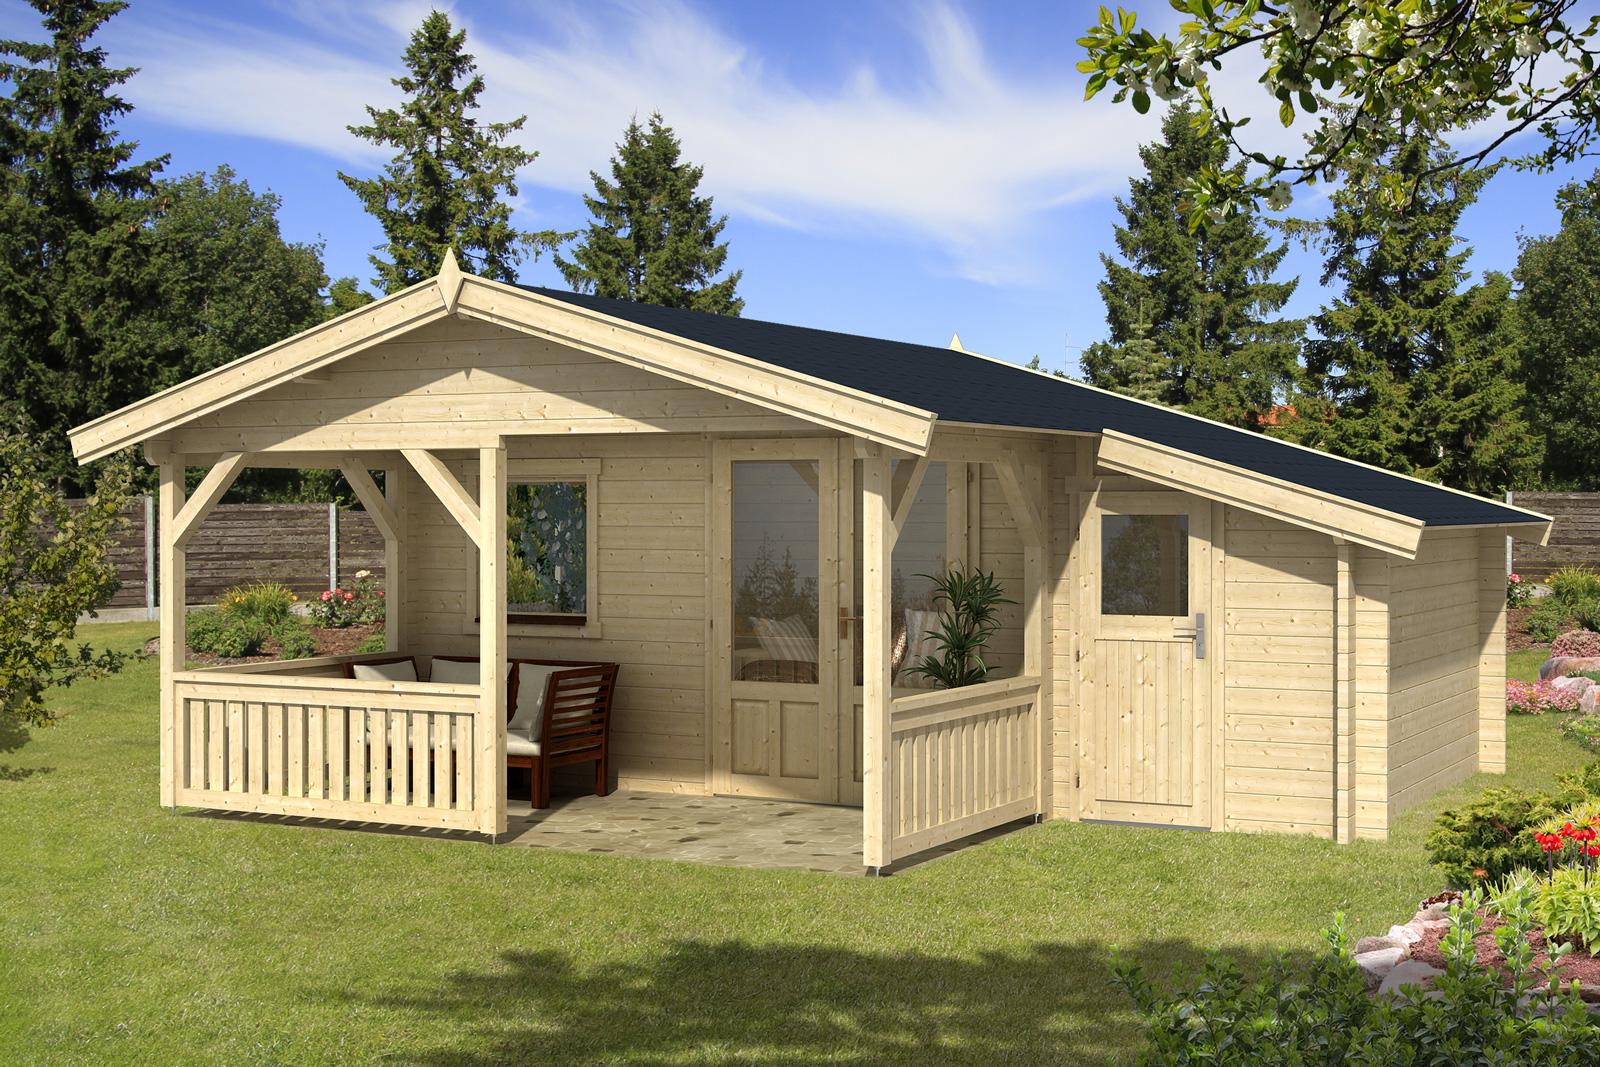 Gartenhaus flex 50 a mit 200cm terrasse anbau 4x3 2z - Gartenhauser mit terrasse ...